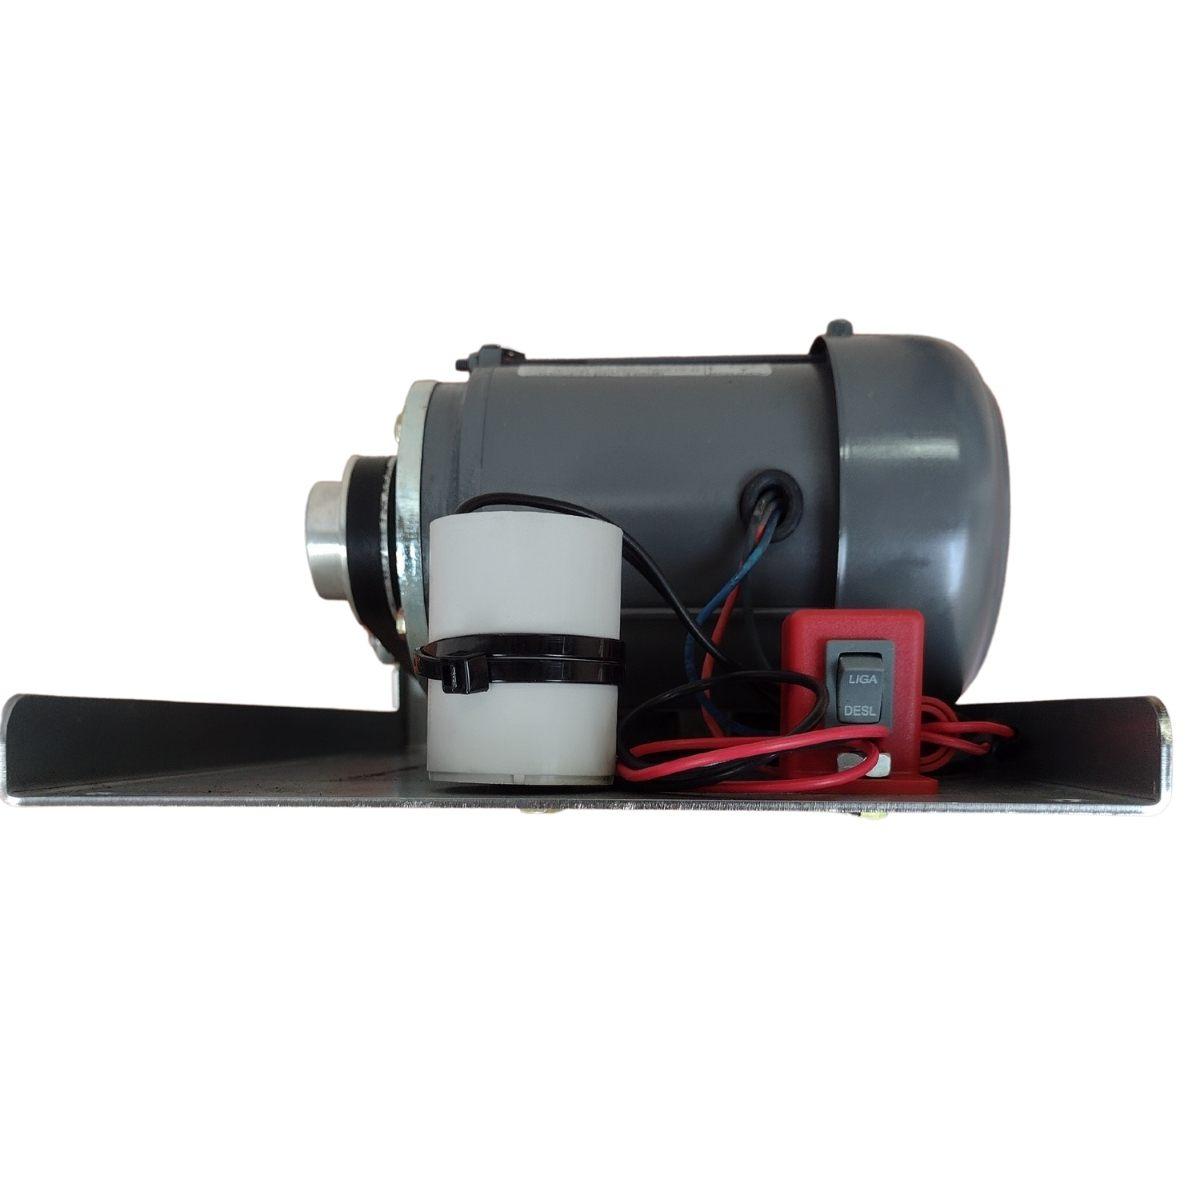 Motor Movimento Basculante 1/3 CV Bm10 com Calha de 1,60mts Brinde 2 Controles